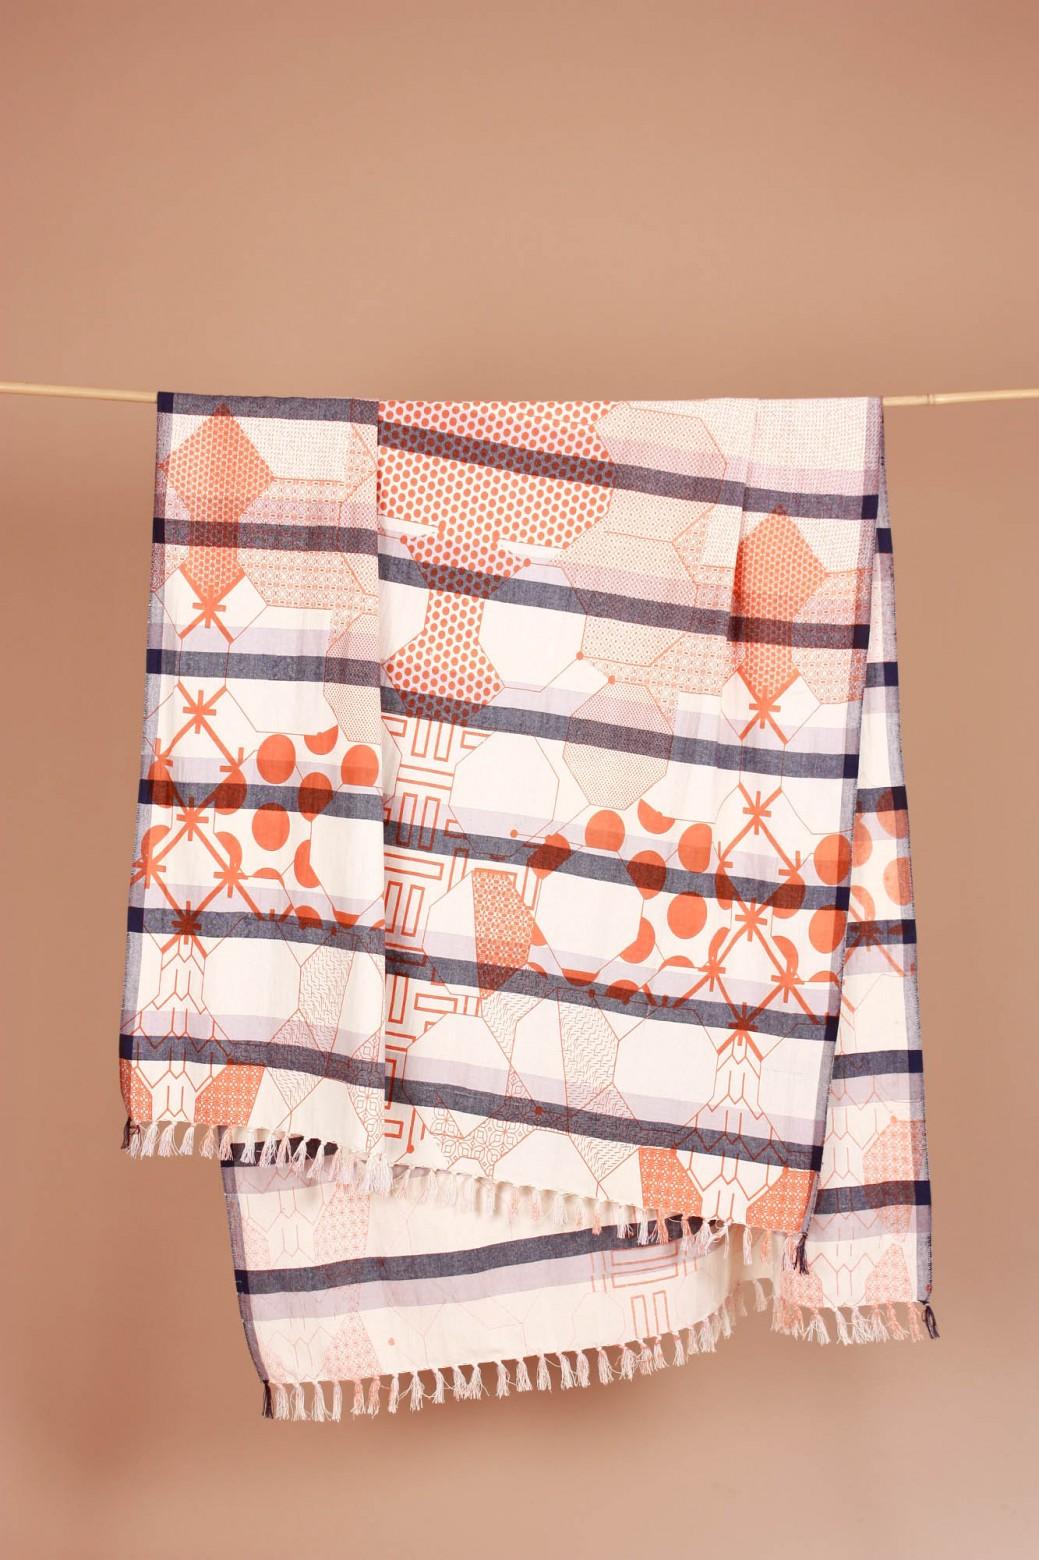 Miroir Orange Beach Towel